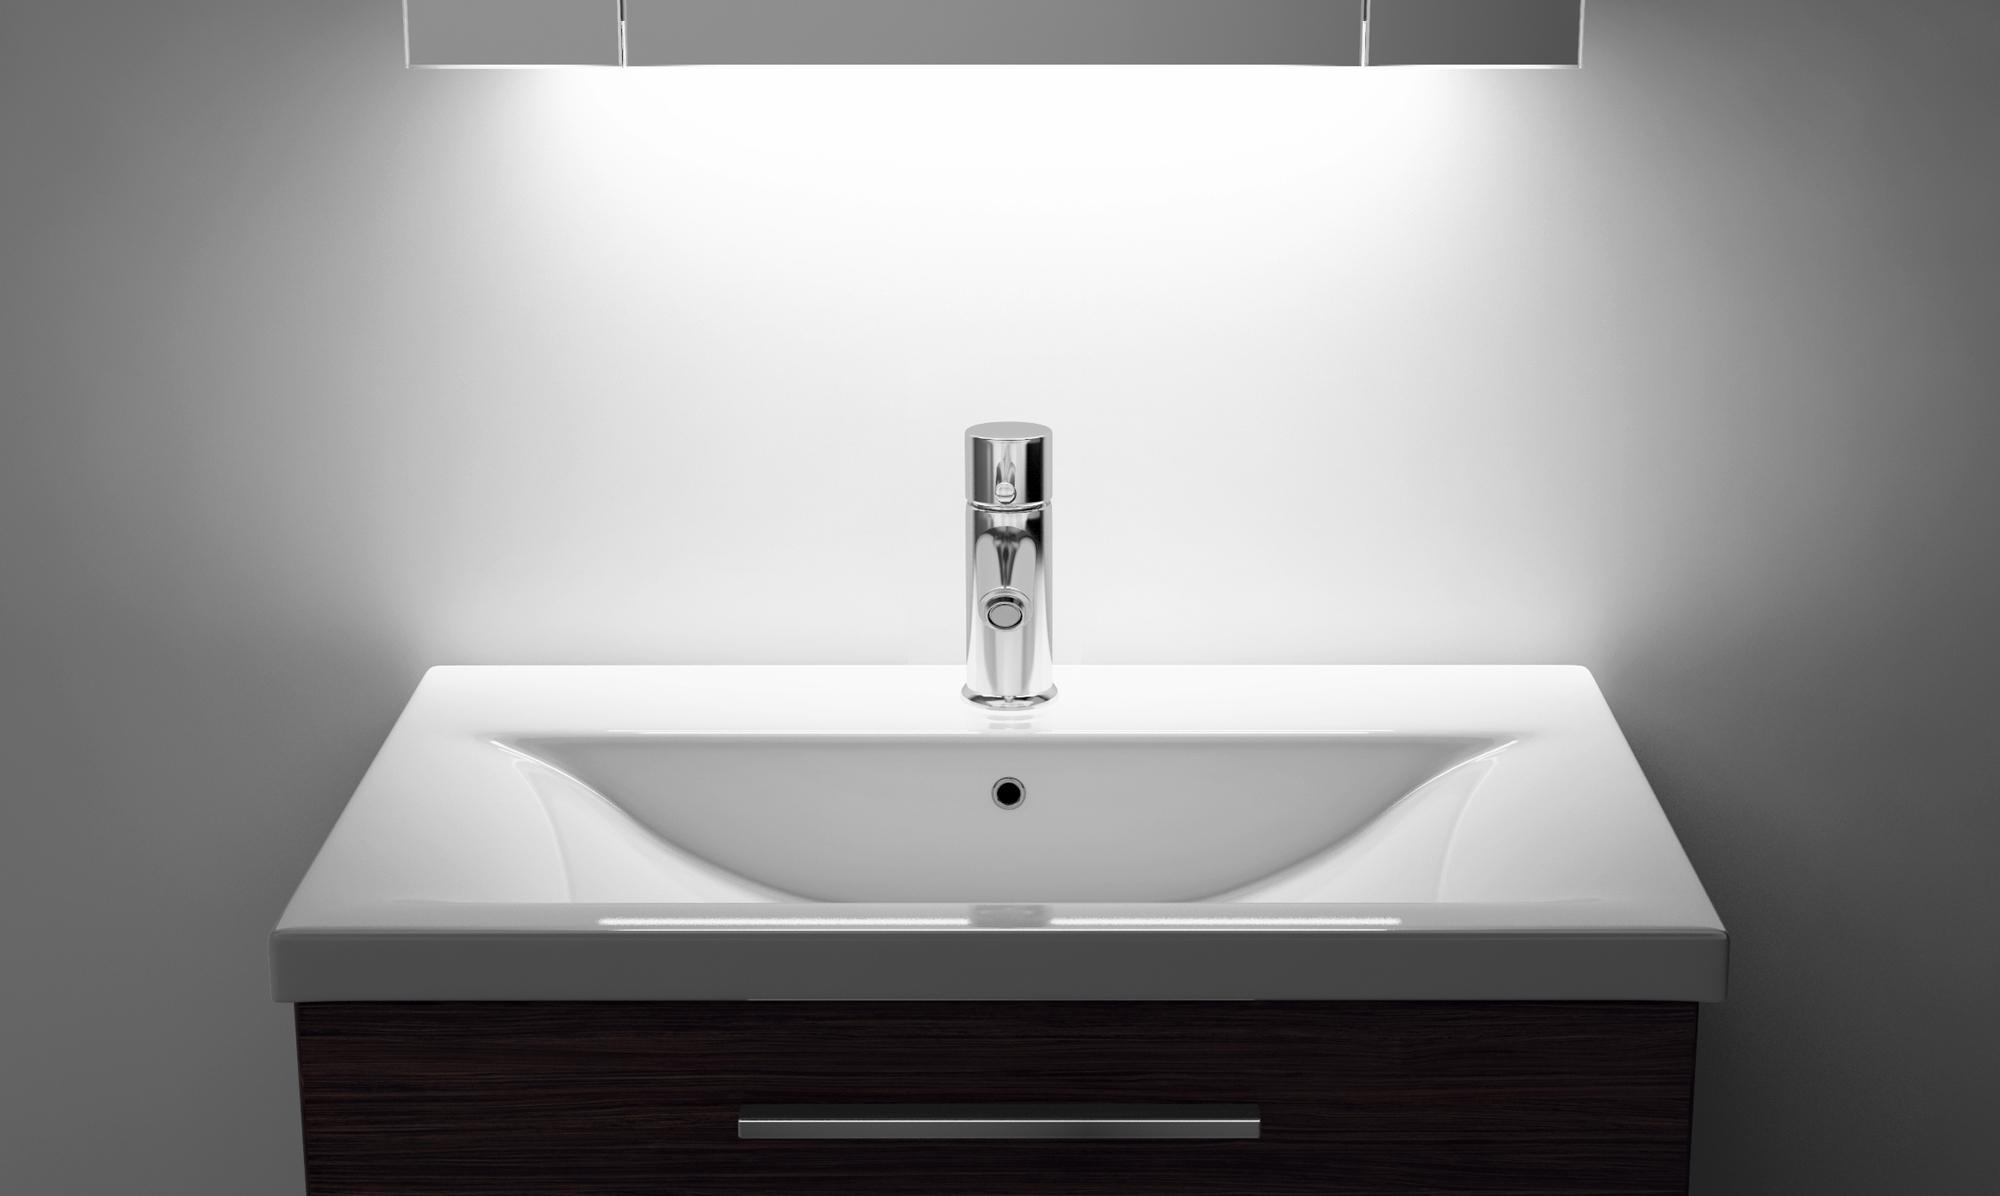 Demist Cabinet With LED Under Lighting, Sensor & Internal Shaver ...